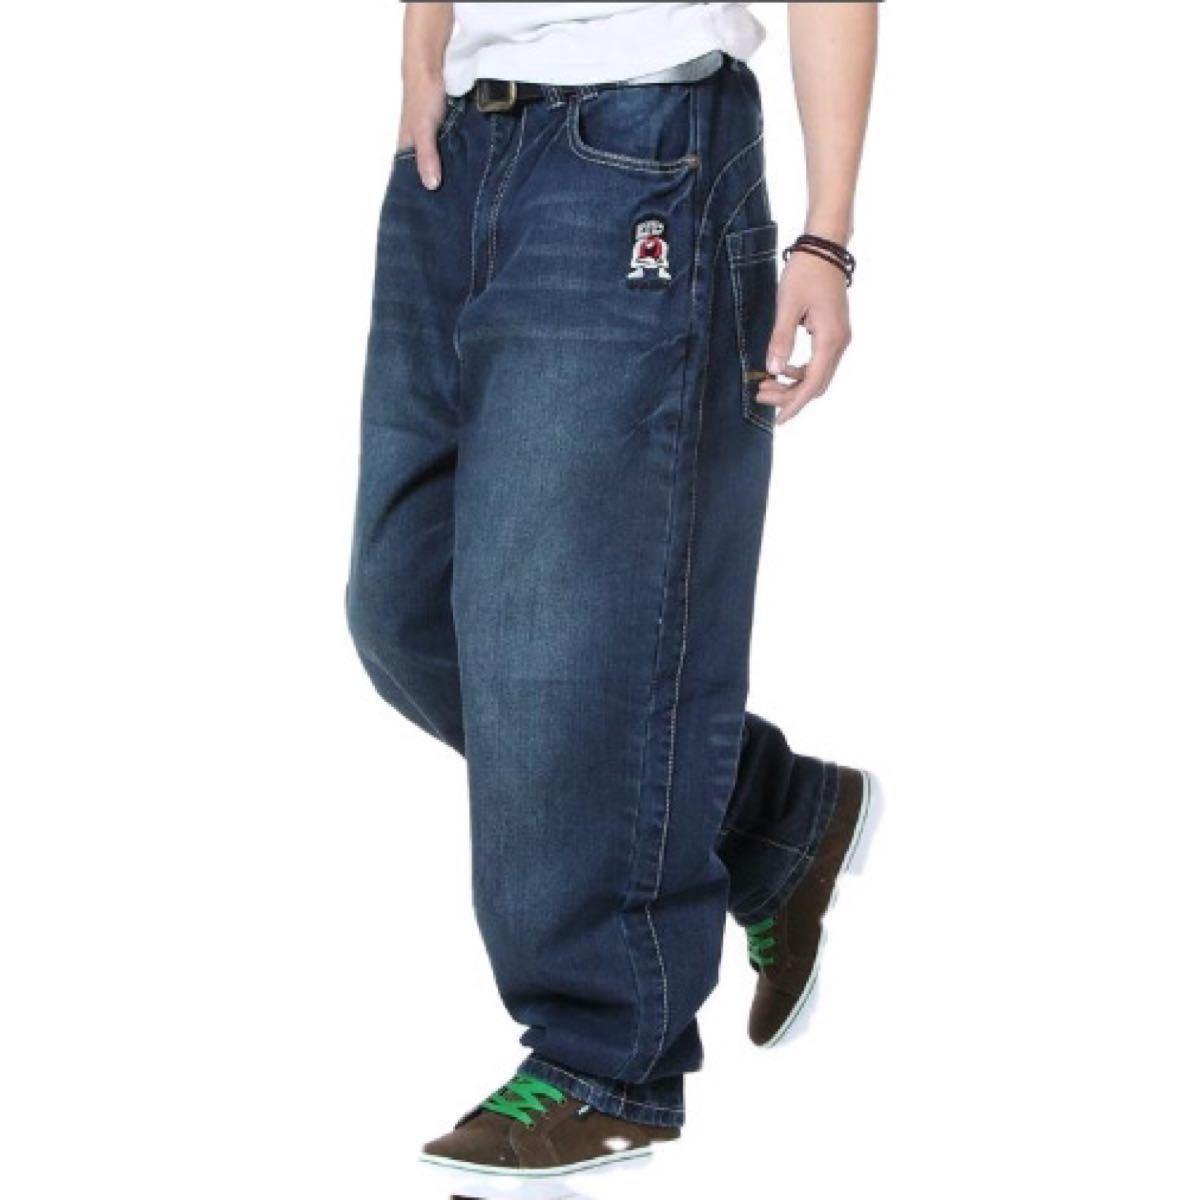 メンズ パンツ デニム ジーンズ バギーパンツ ストリート 大きいサイズ 42